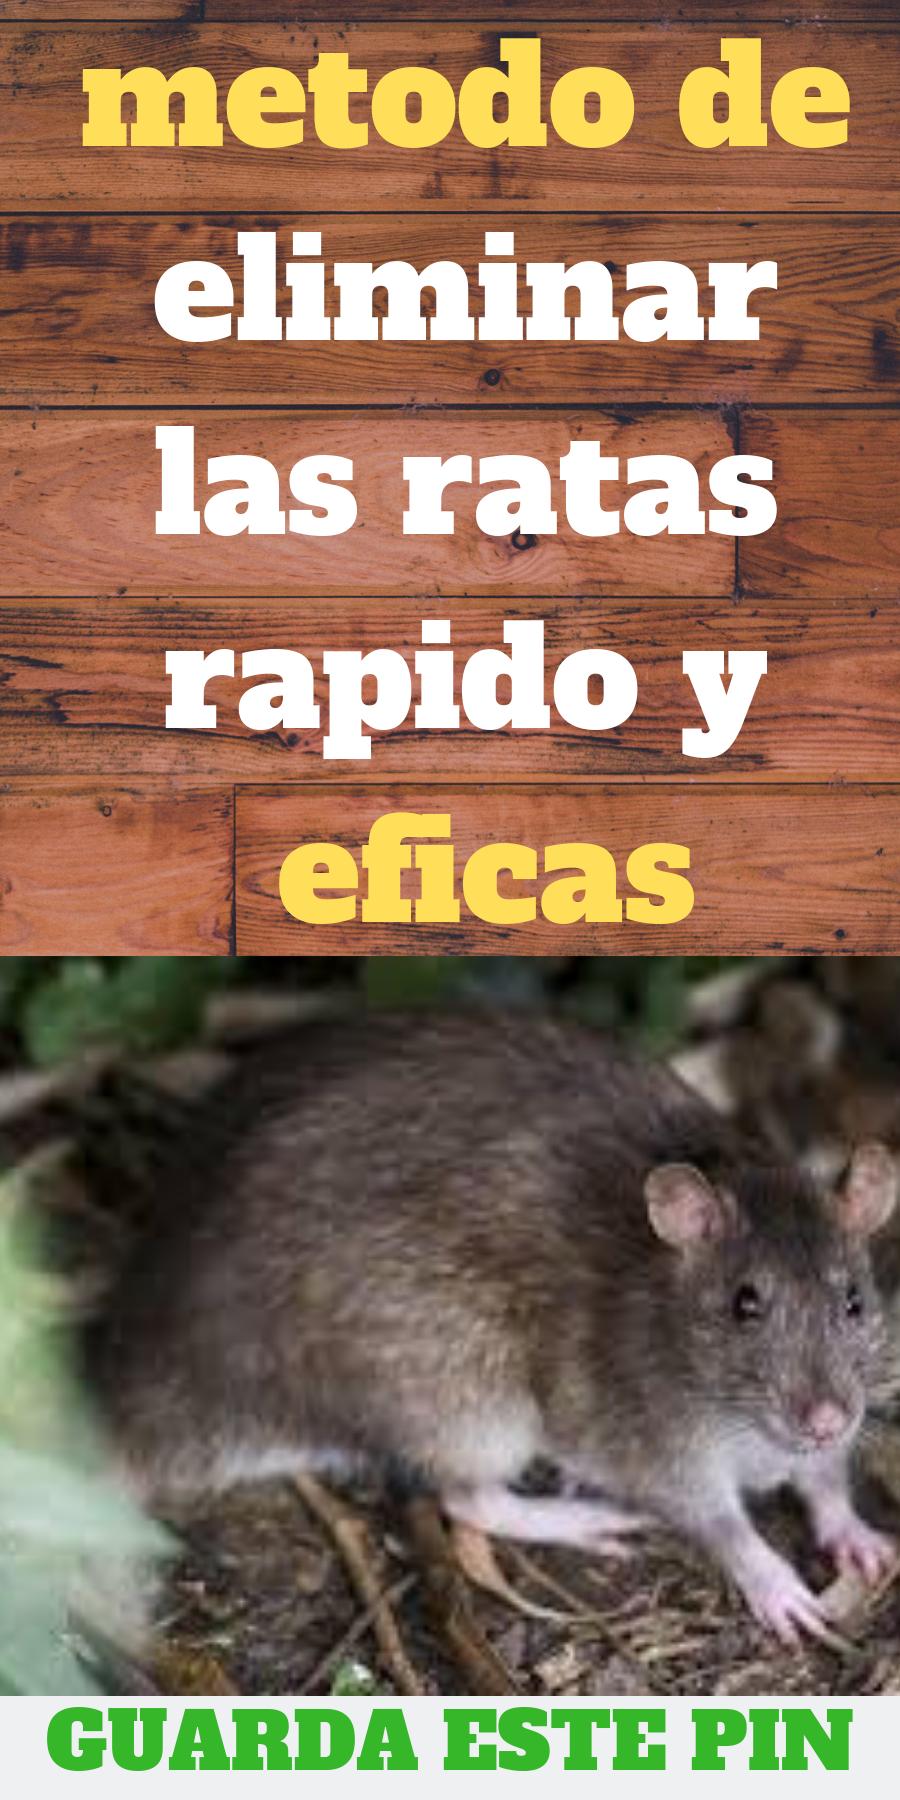 Como Acabar Con Las Ratas En El Jardin Como Eliminar Ratones En El Jardin Como Eliminar Ratones Como